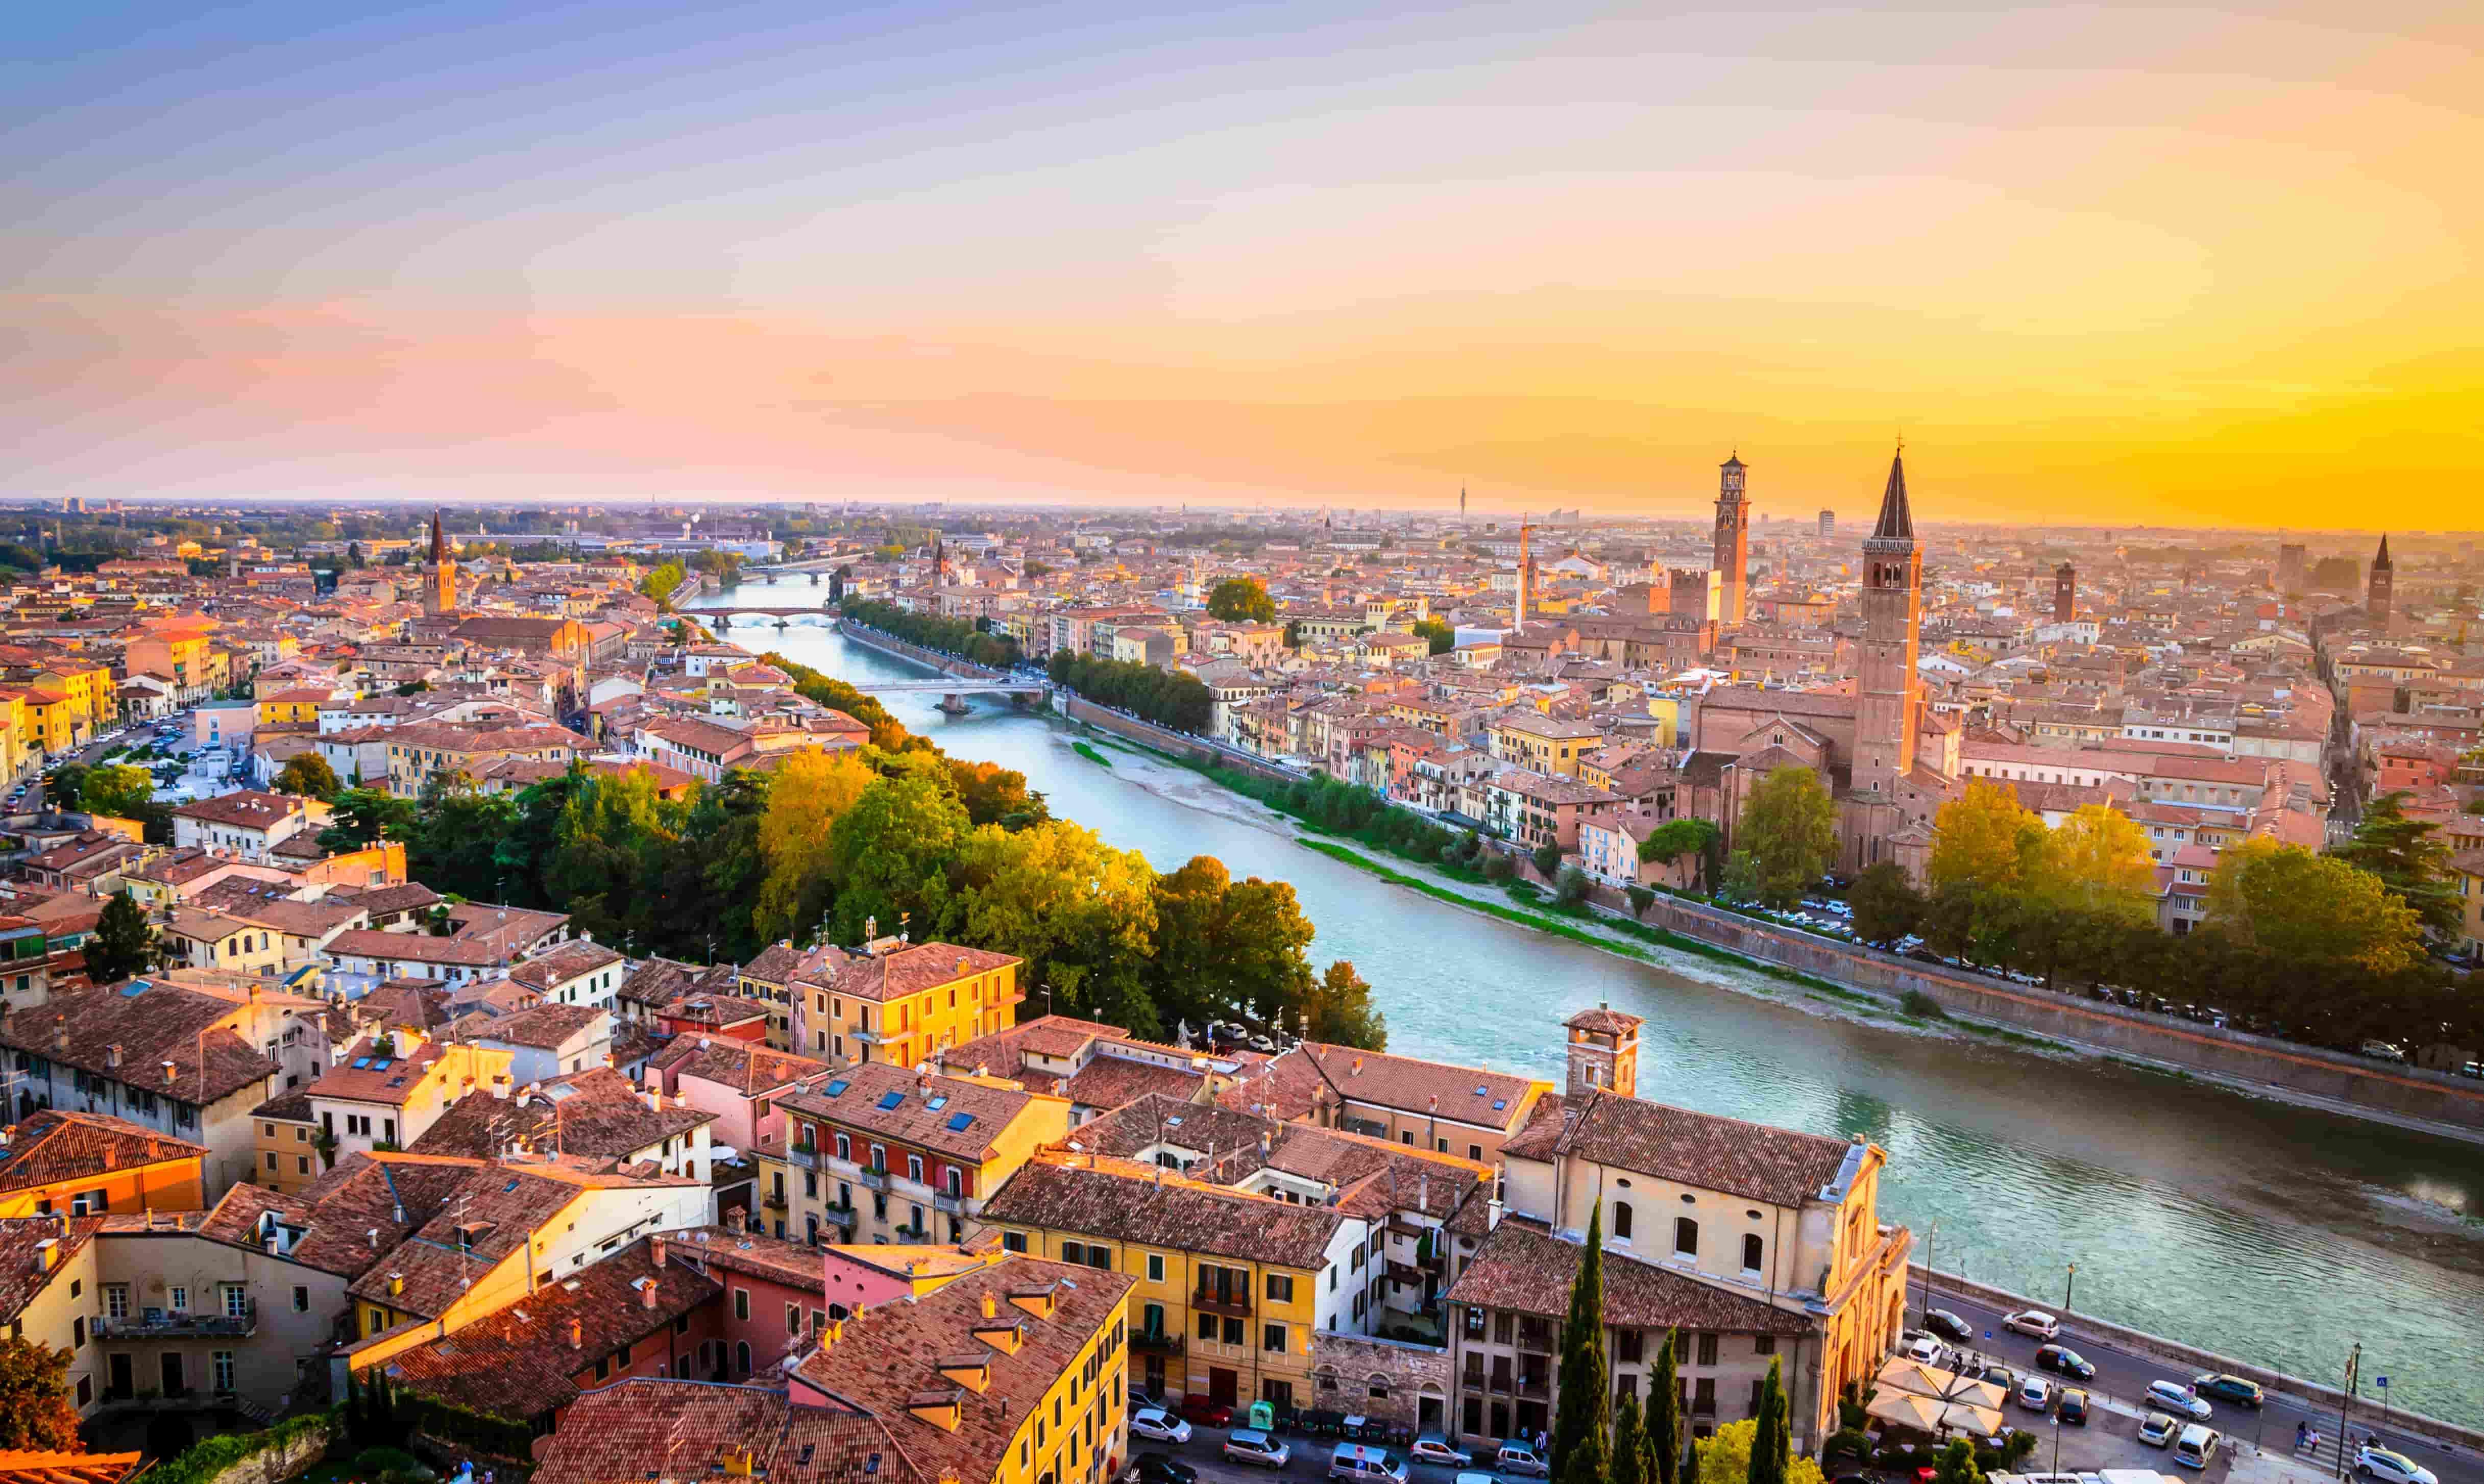 Que ver en el norte de italia: Verona